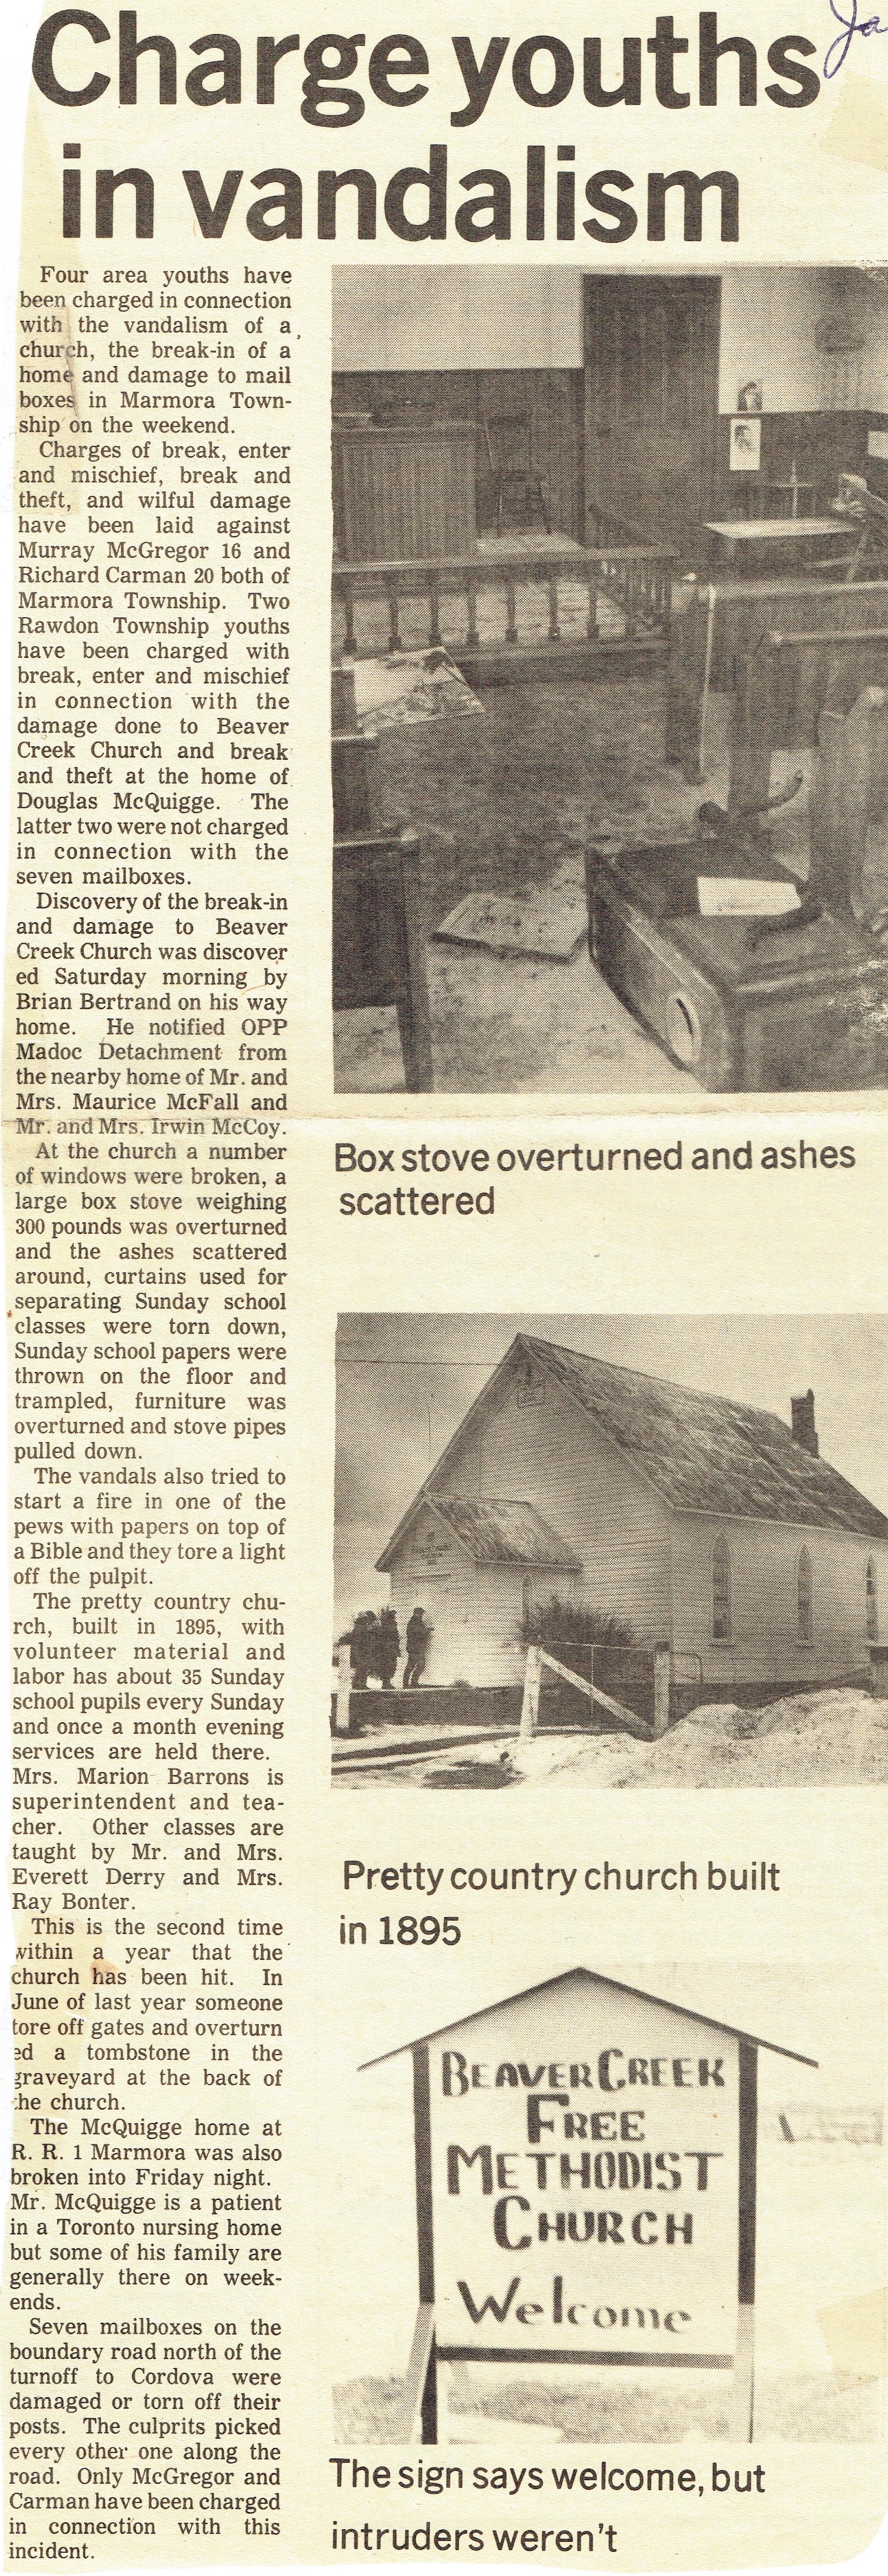 Beaver Creek Church vandalism 1974.jpg